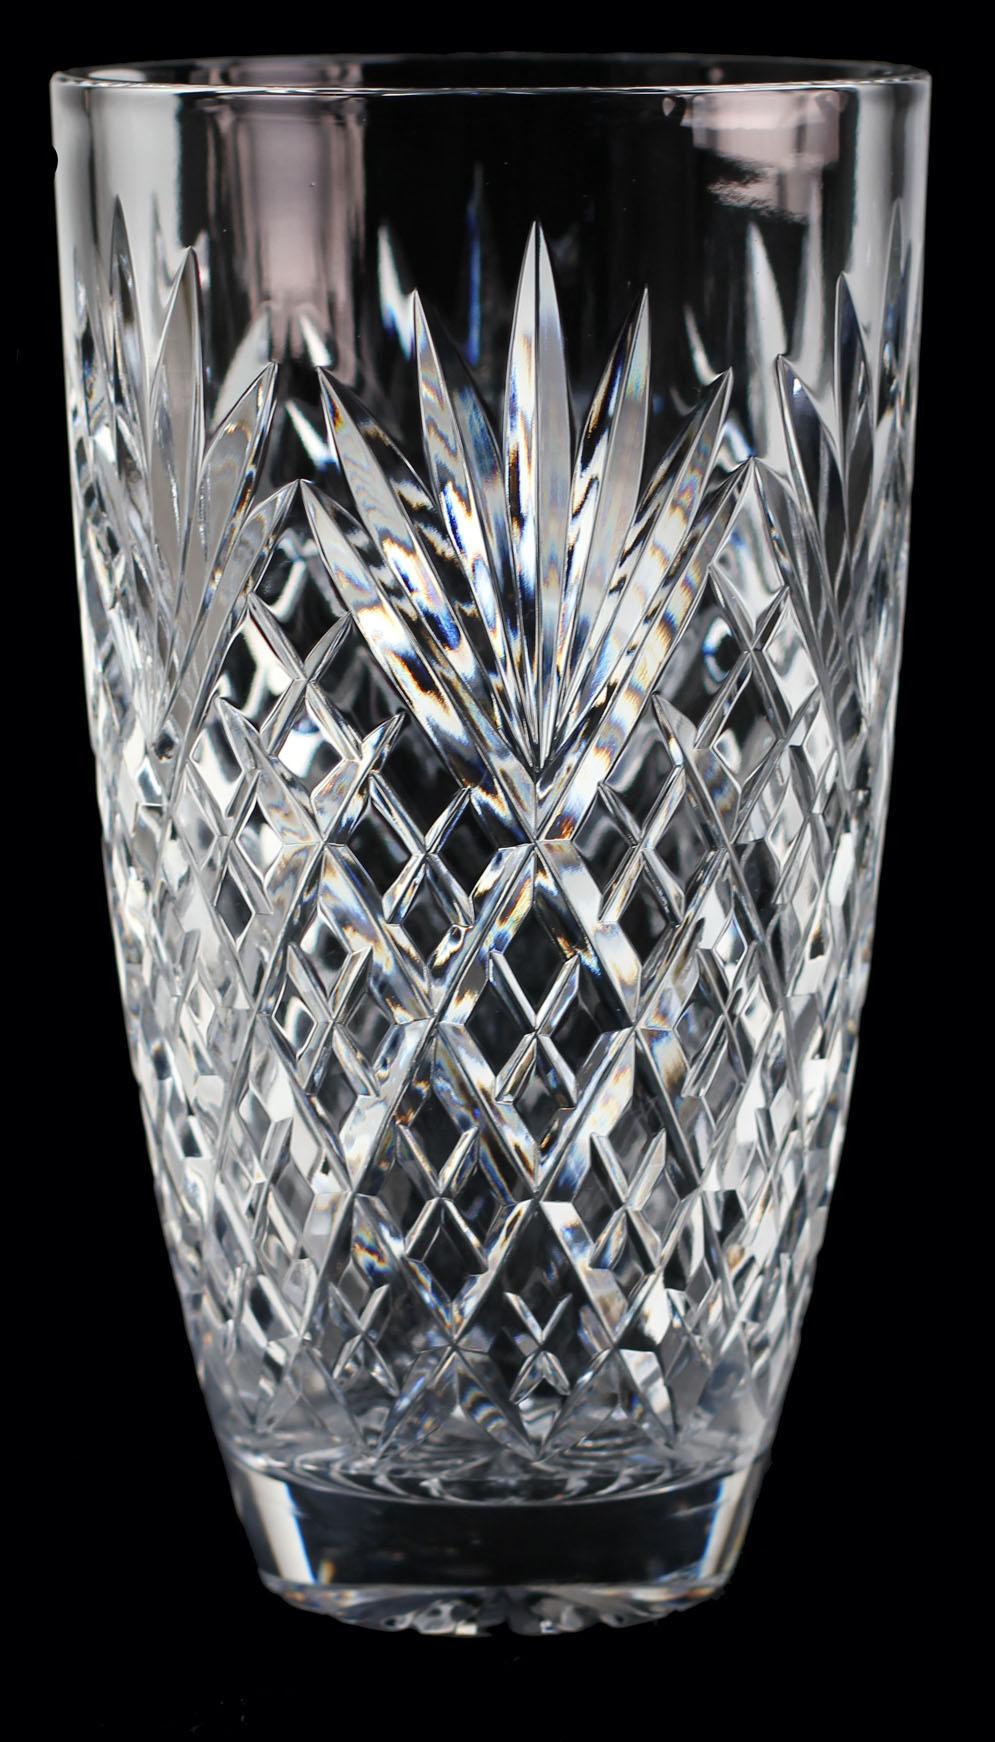 12 inch Cylinder Vase Westminster